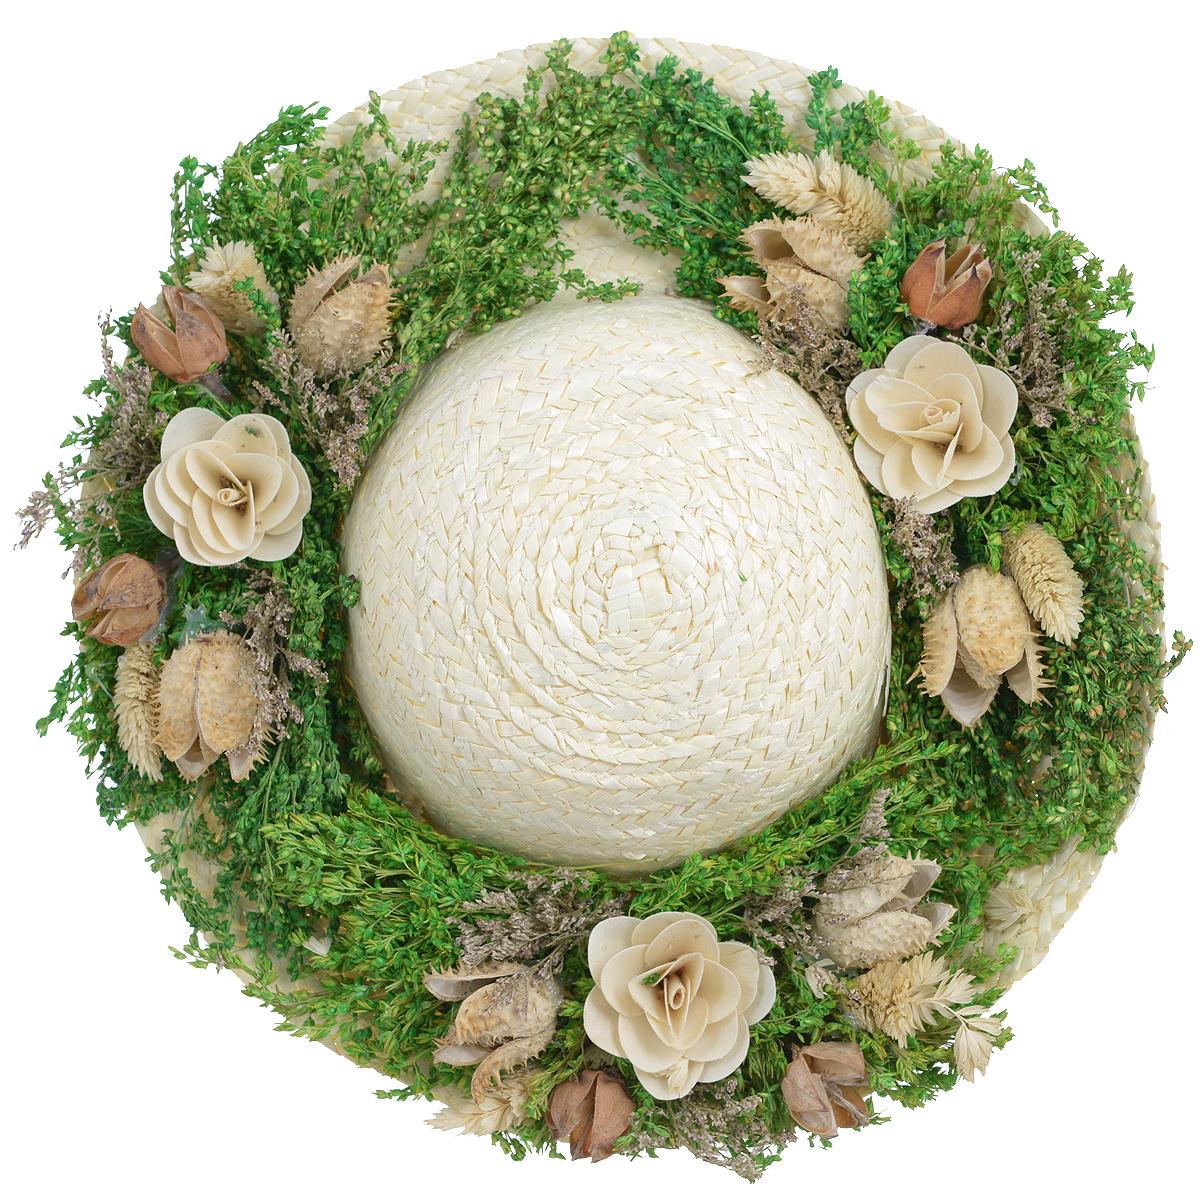 Декоративное настенное украшение Lillo Шляпа с цветами, цвет: светло-бежевый, зеленый, белыйAF 03127Декоративное подвесное украшение Lillo Шляпа с цветами выполнено из натуральной соломы и украшено сухоцветами. Такая шляпа станет изящным элементом декора в вашем доме. С задней стороны расположена петелька для подвешивания. Такое украшение не только подчеркнет ваш изысканный вкус, но и прекрасным подарком, который обязательно порадует получателя.Размер шляпы: 29 см х 29 см х 7,5 см.